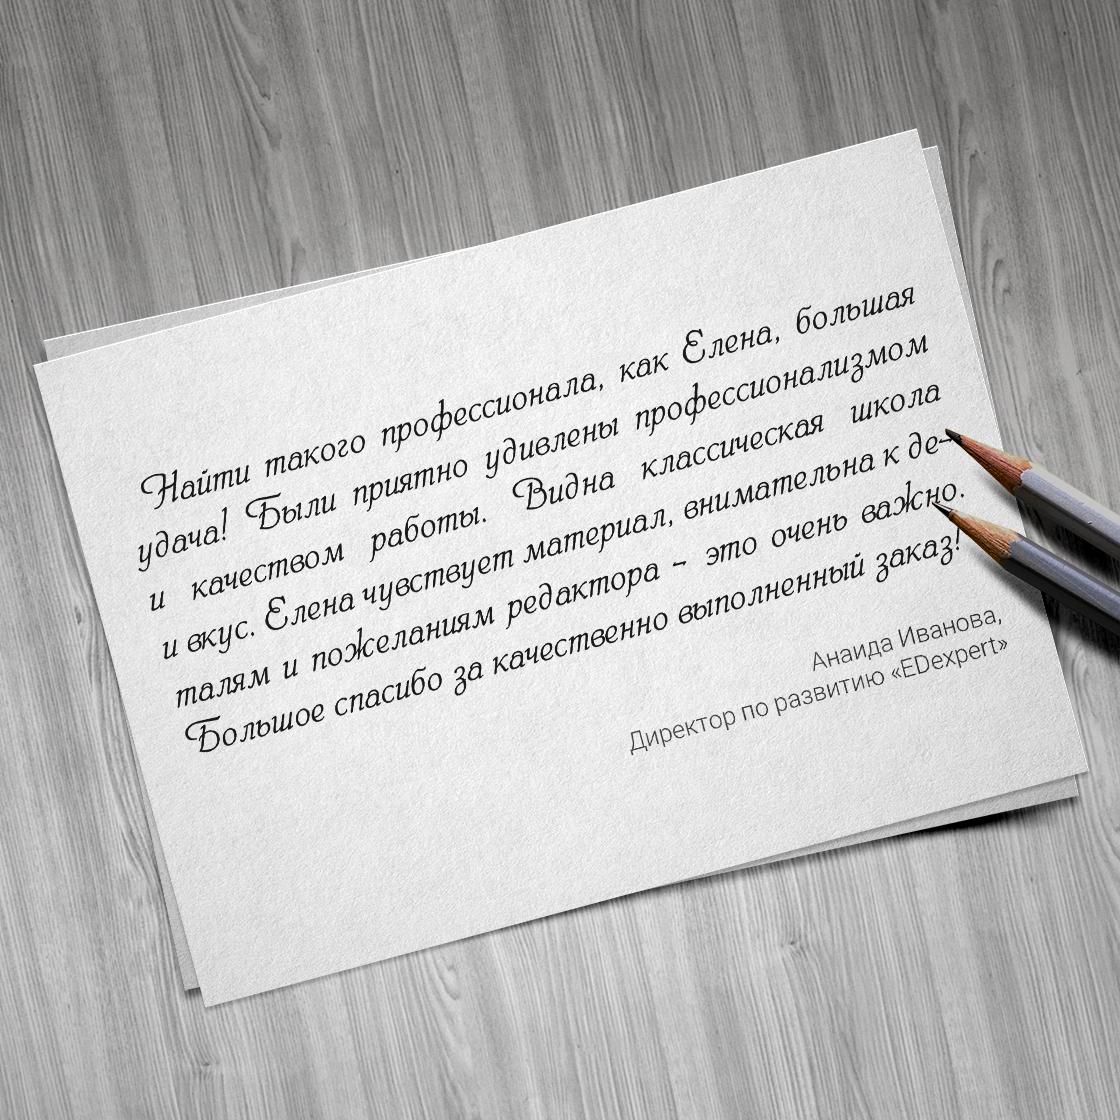 Анаида Иванова — директор по развитию журнала «EDExpert» Отзывы